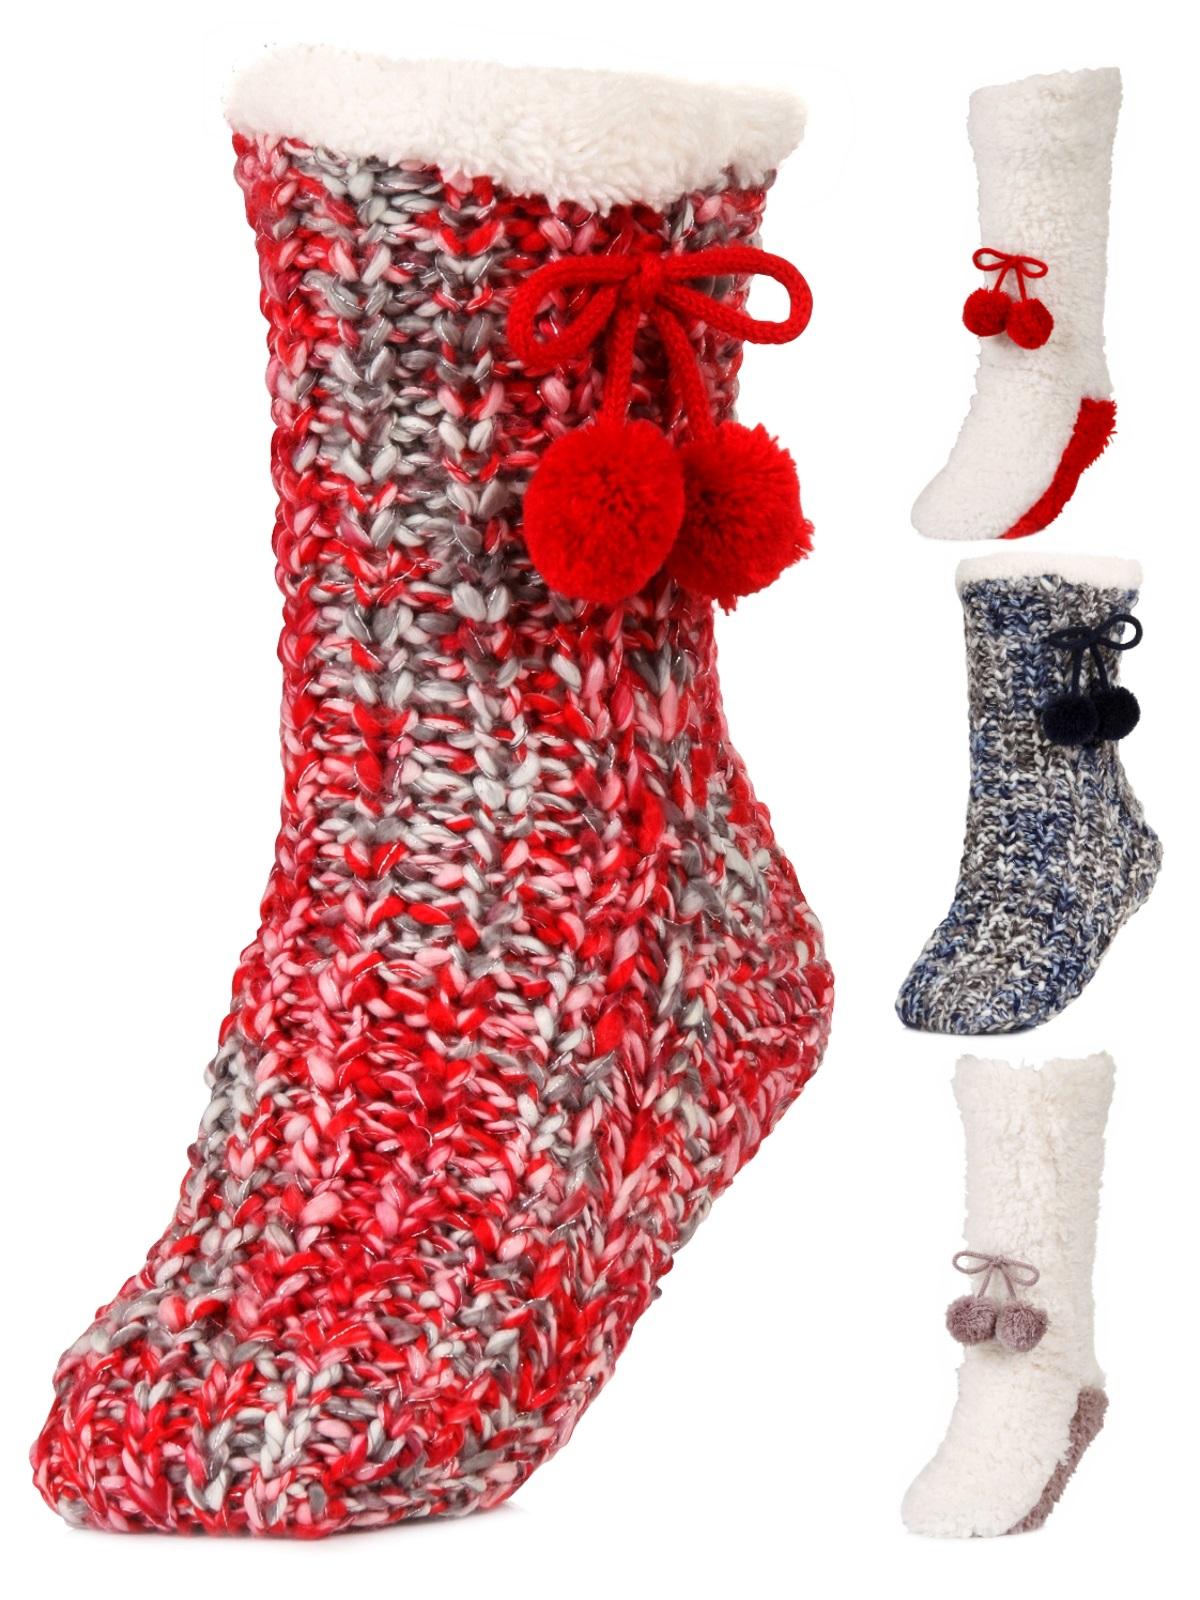 4c8ec0013 Luxury Womens Slipper Socks Knitted Sherpa Fleece Lined Booties Xmas ...